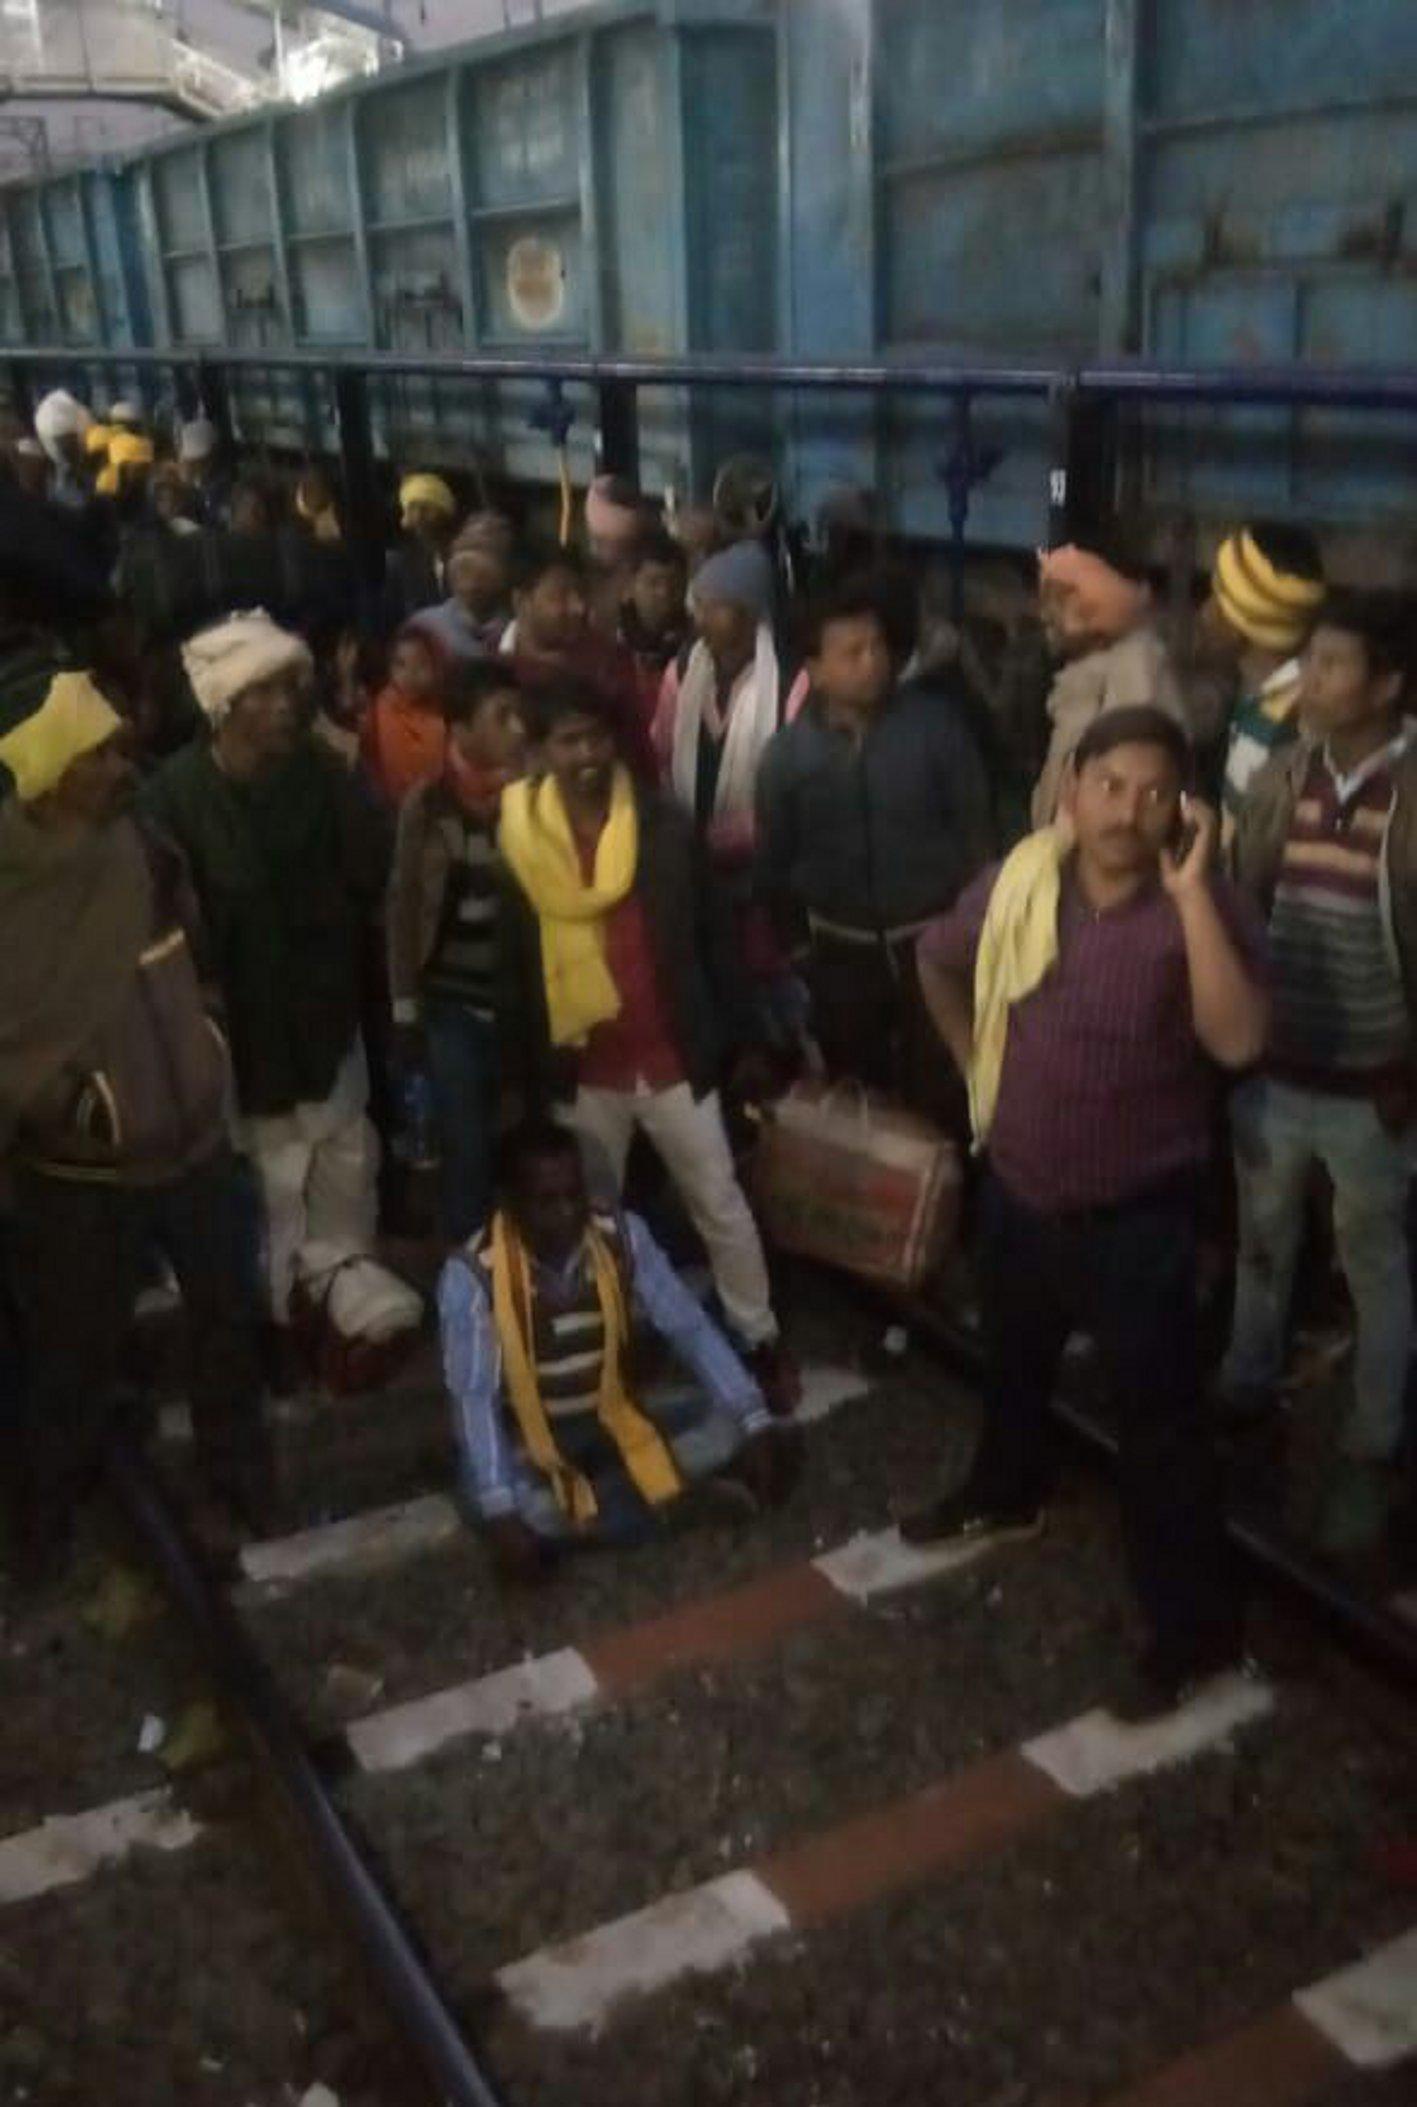 नर्मदा एक्सप्रेस से उतार देने से खफा गोंगपा के सैकड़ो कार्यकर्ताओं ने किया हंगामा